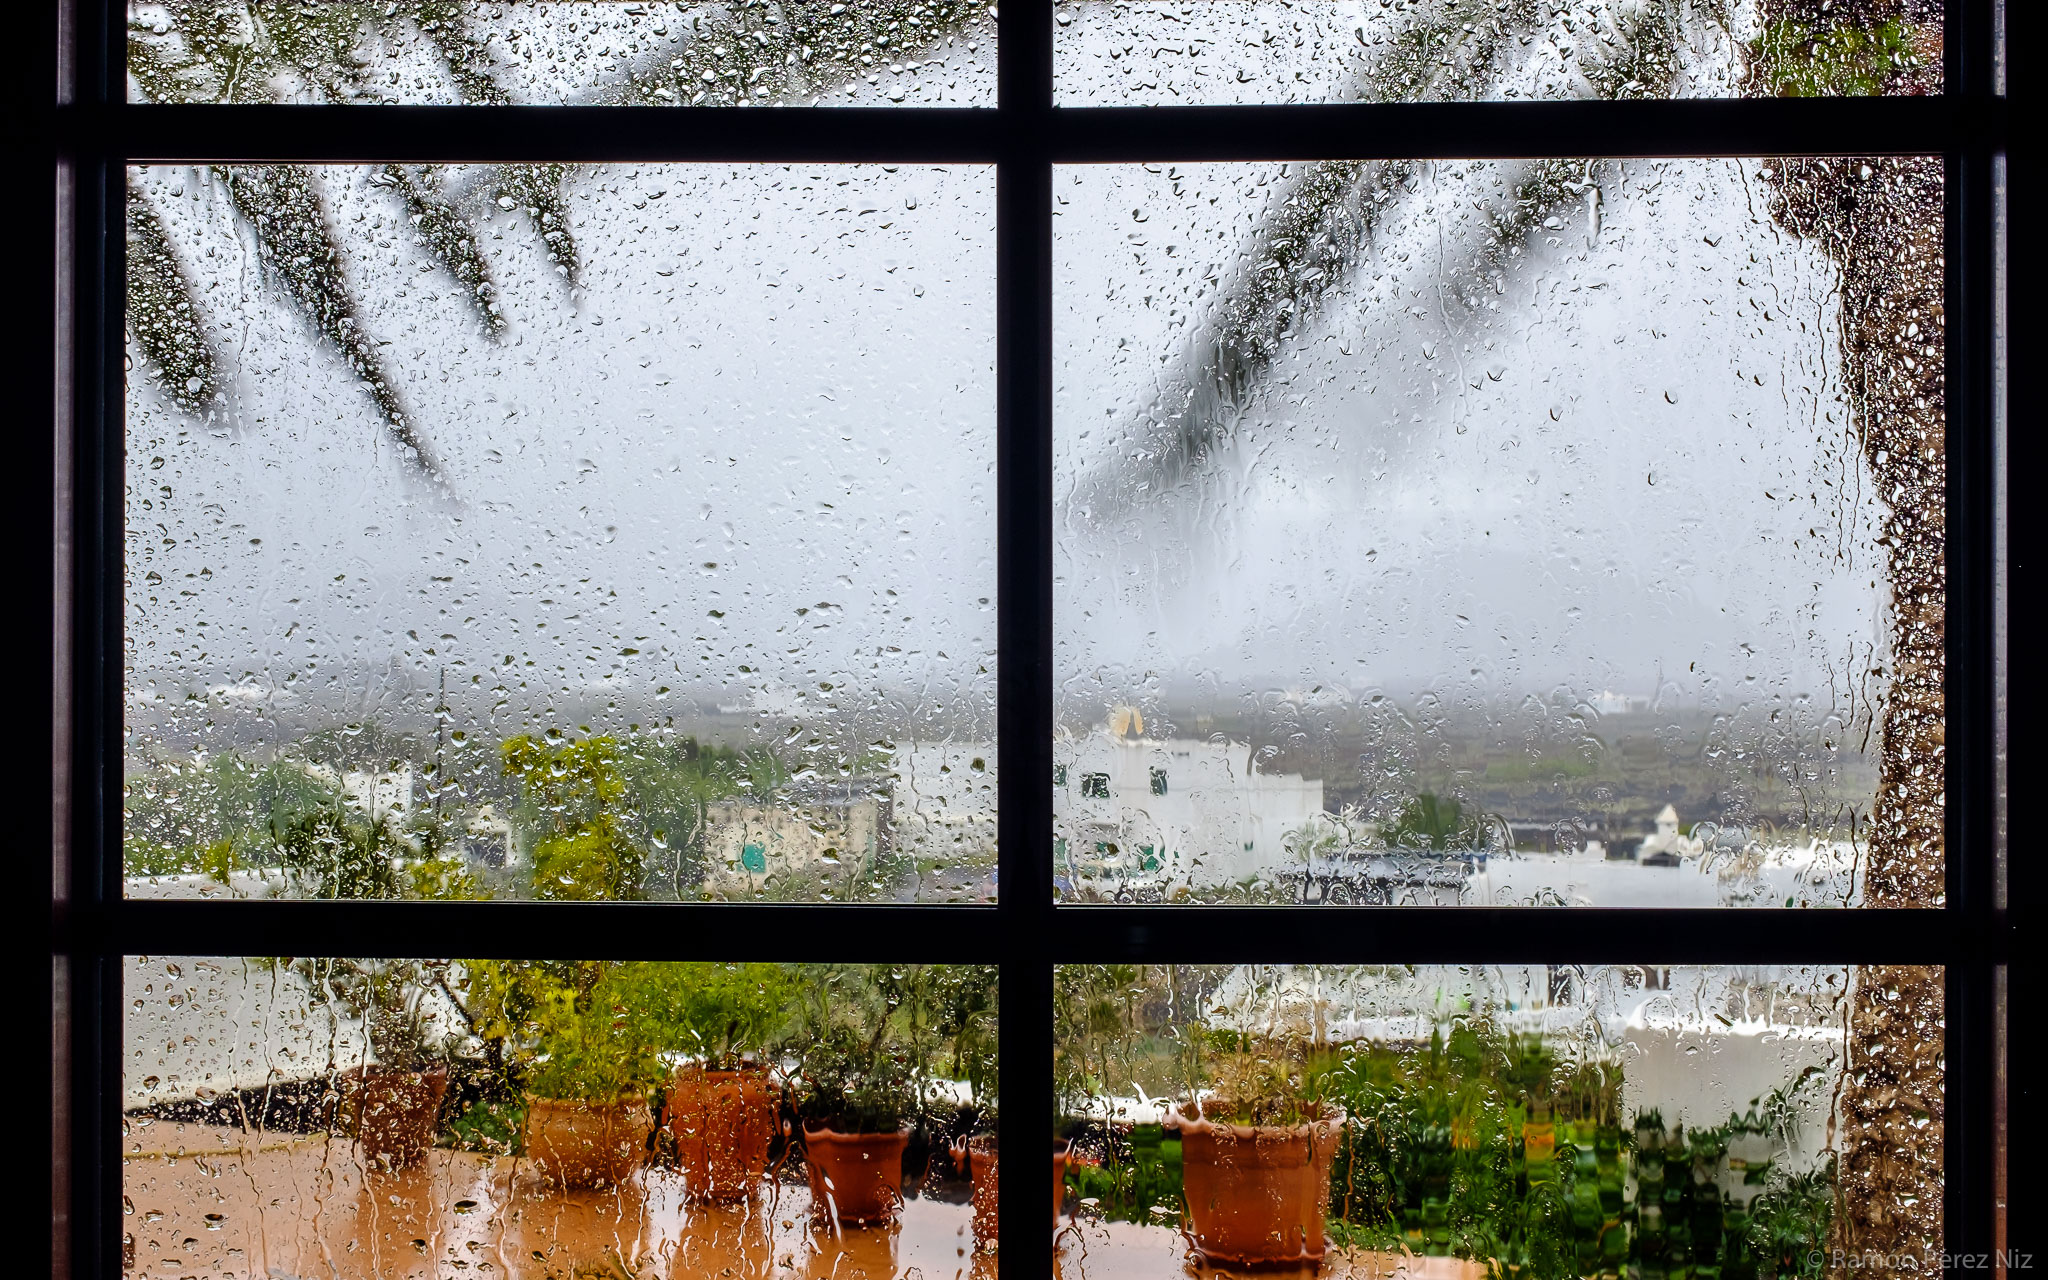 Foto de Ramón Pérez Niz con lluvia y viento